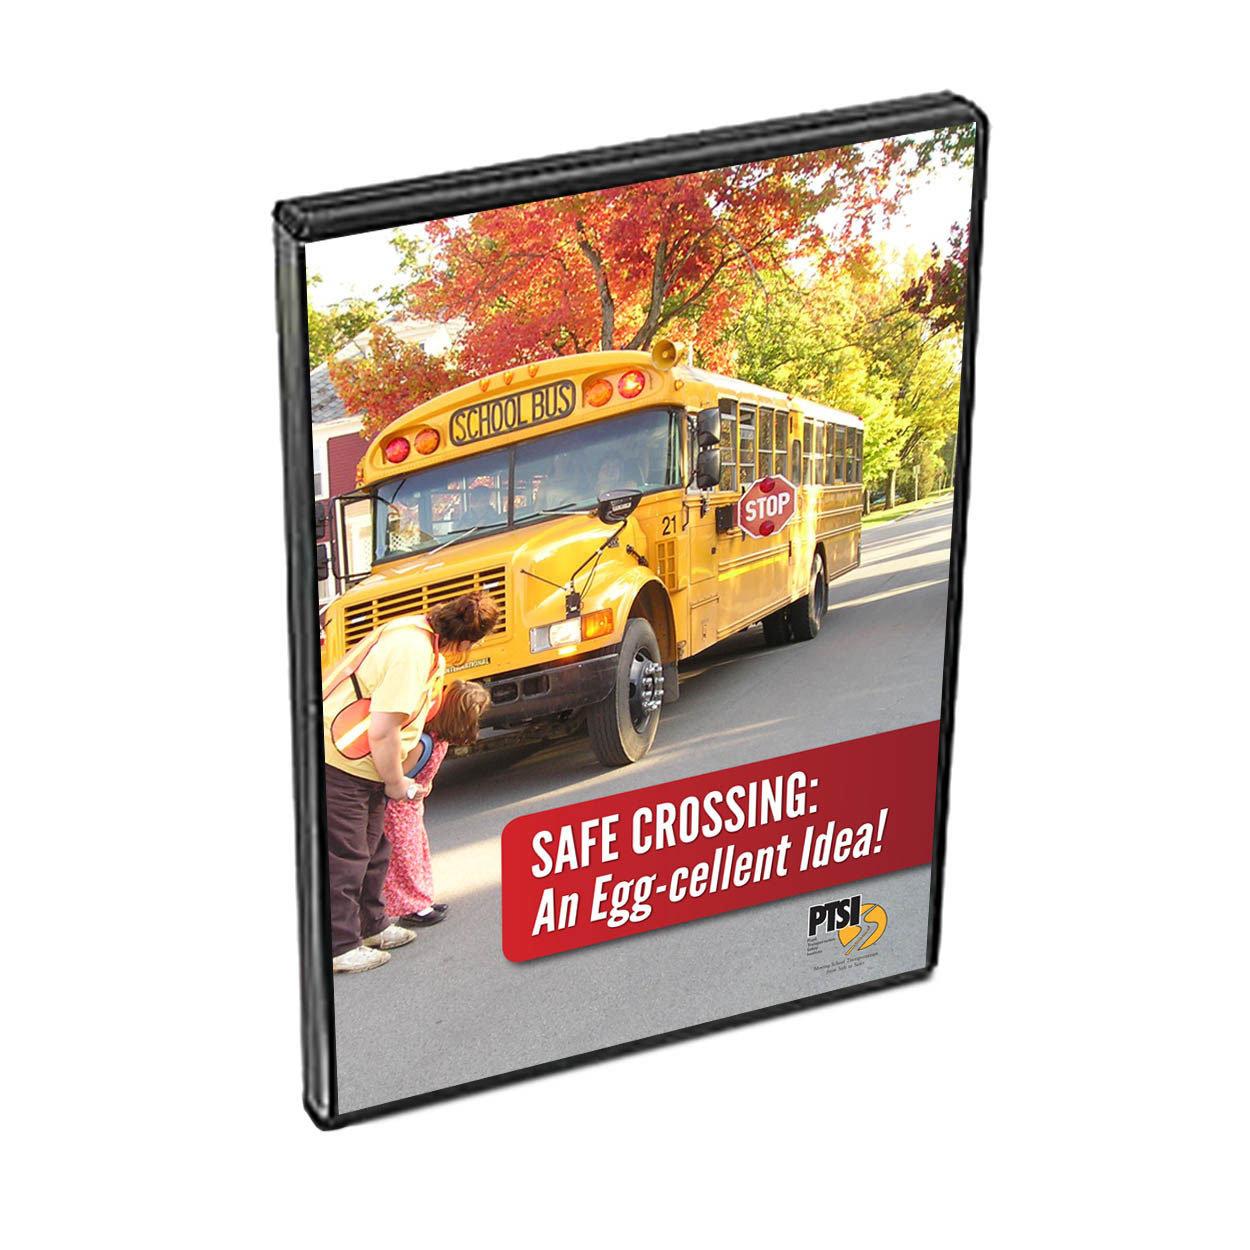 Safe Crossing: An EGG-cellent Idea DVD